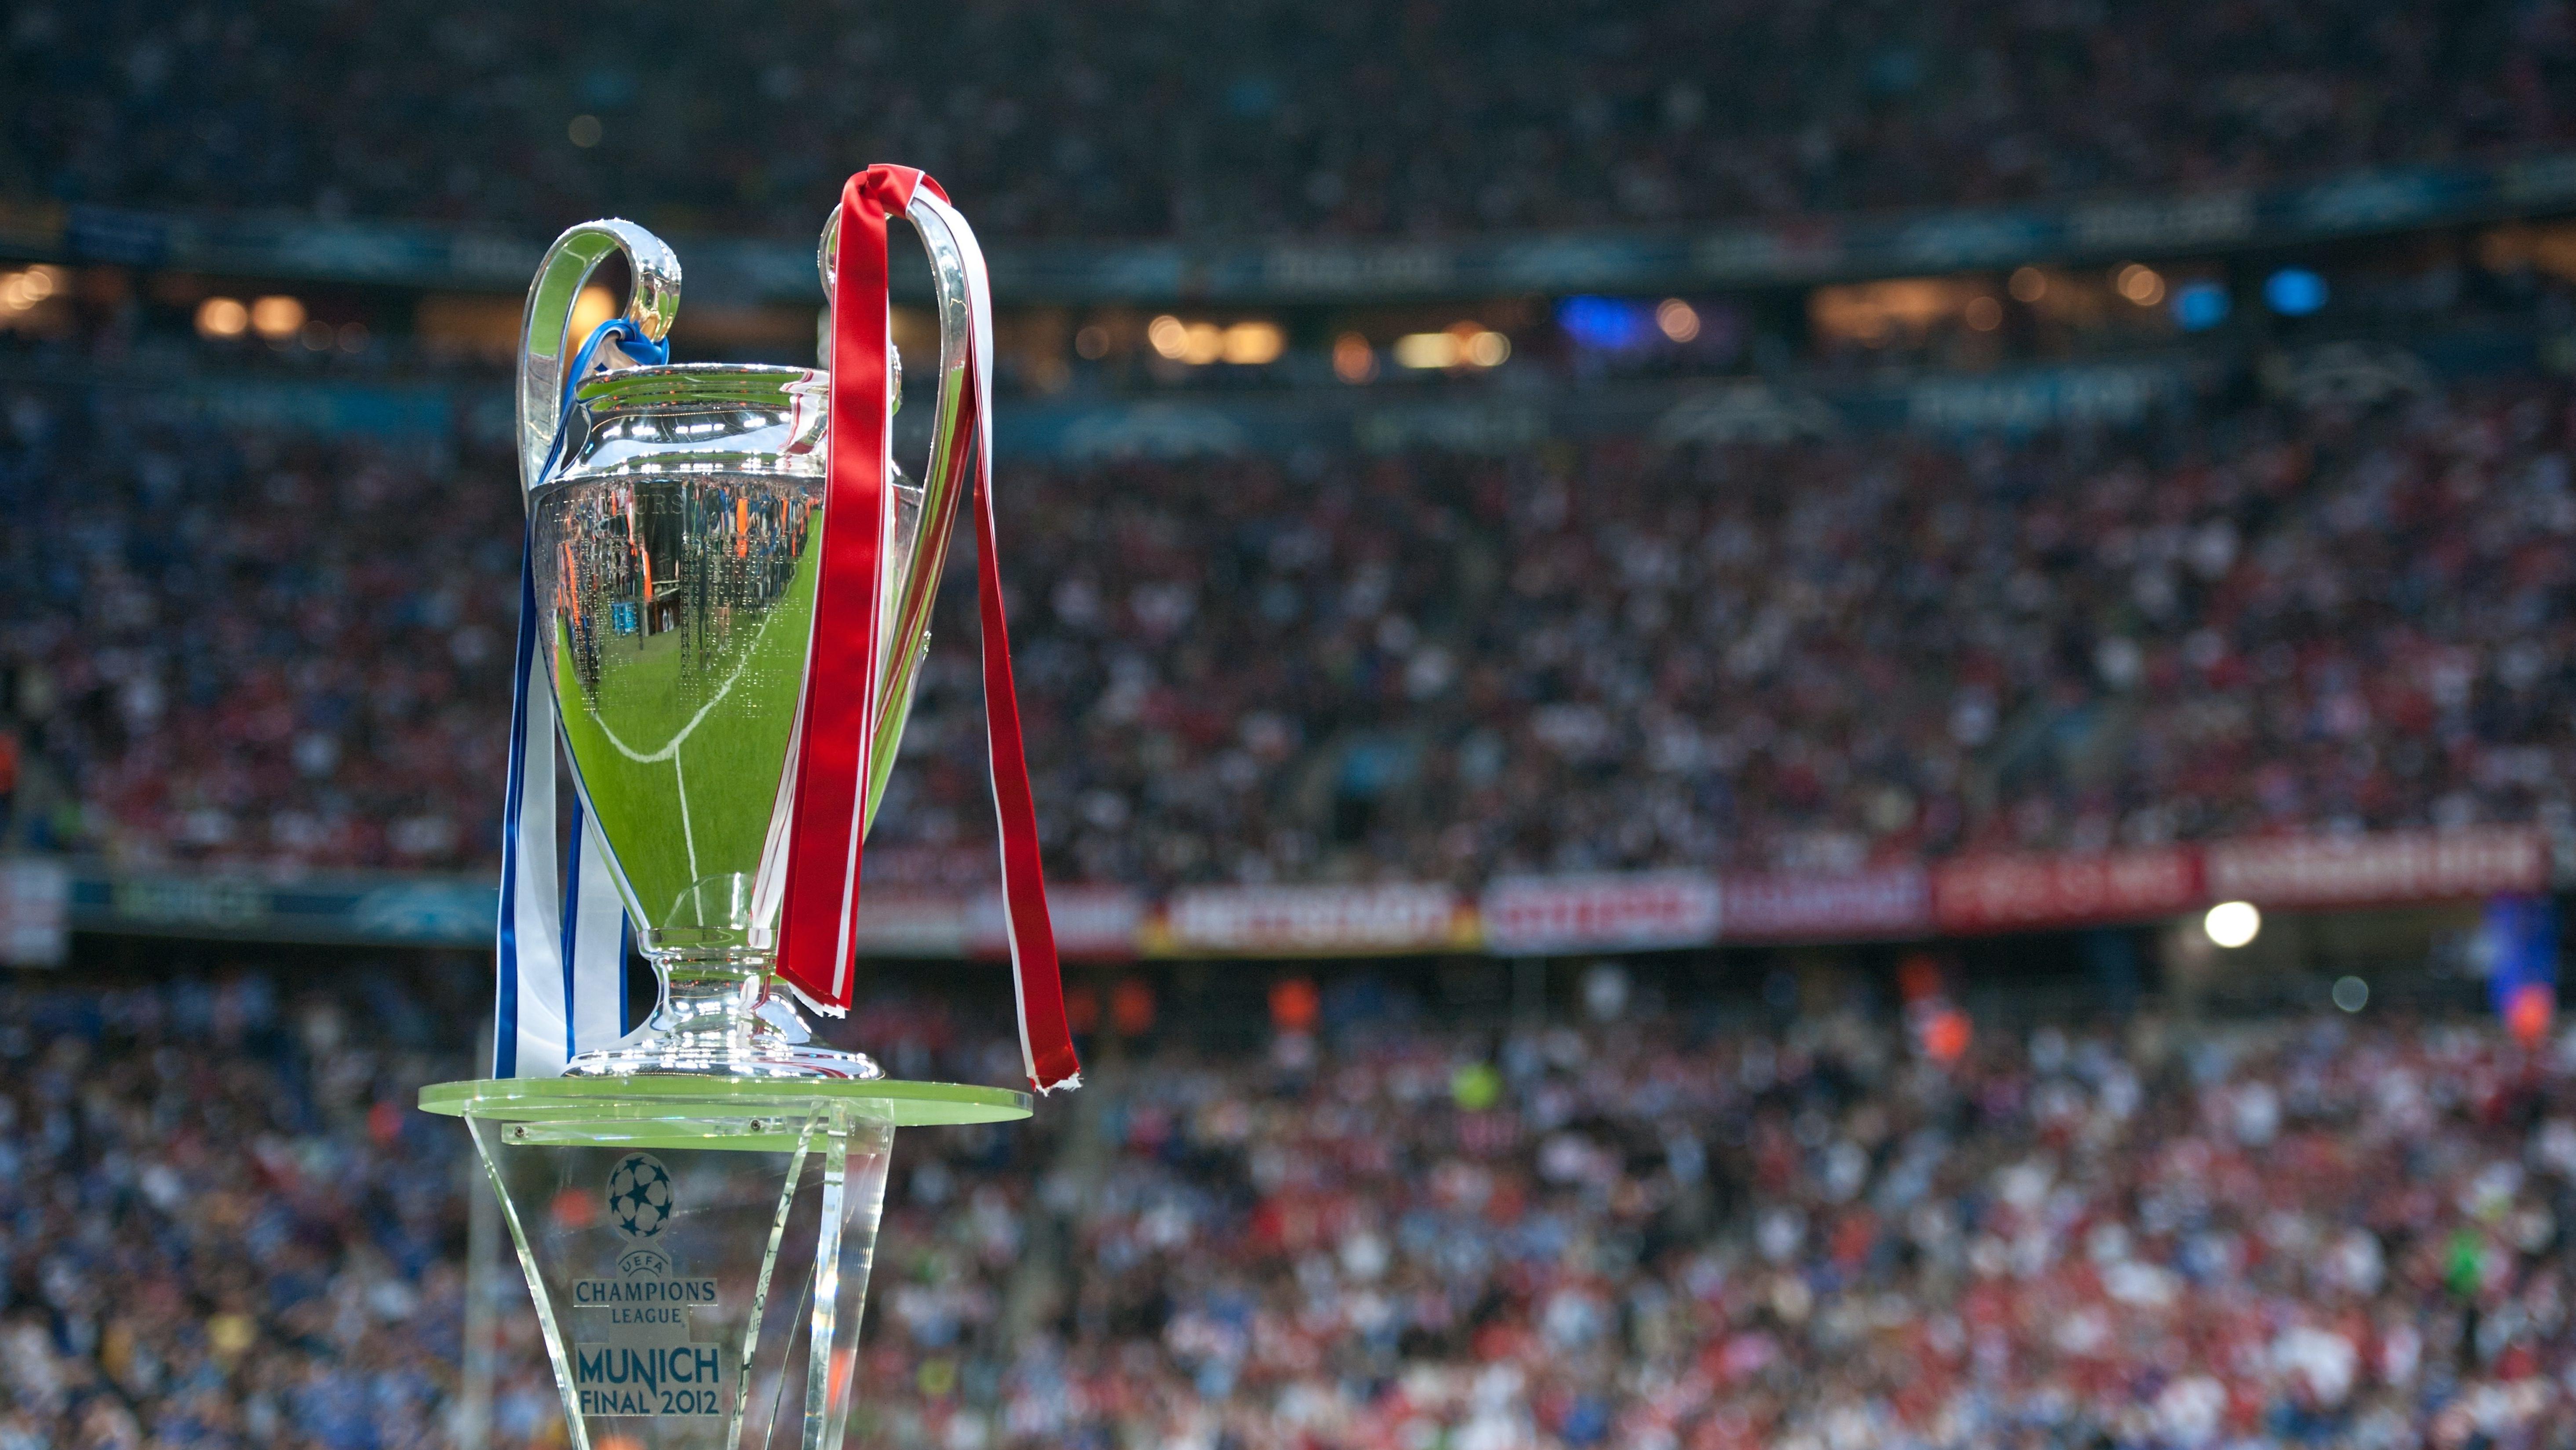 Archiv: Champions League Finale München 2012